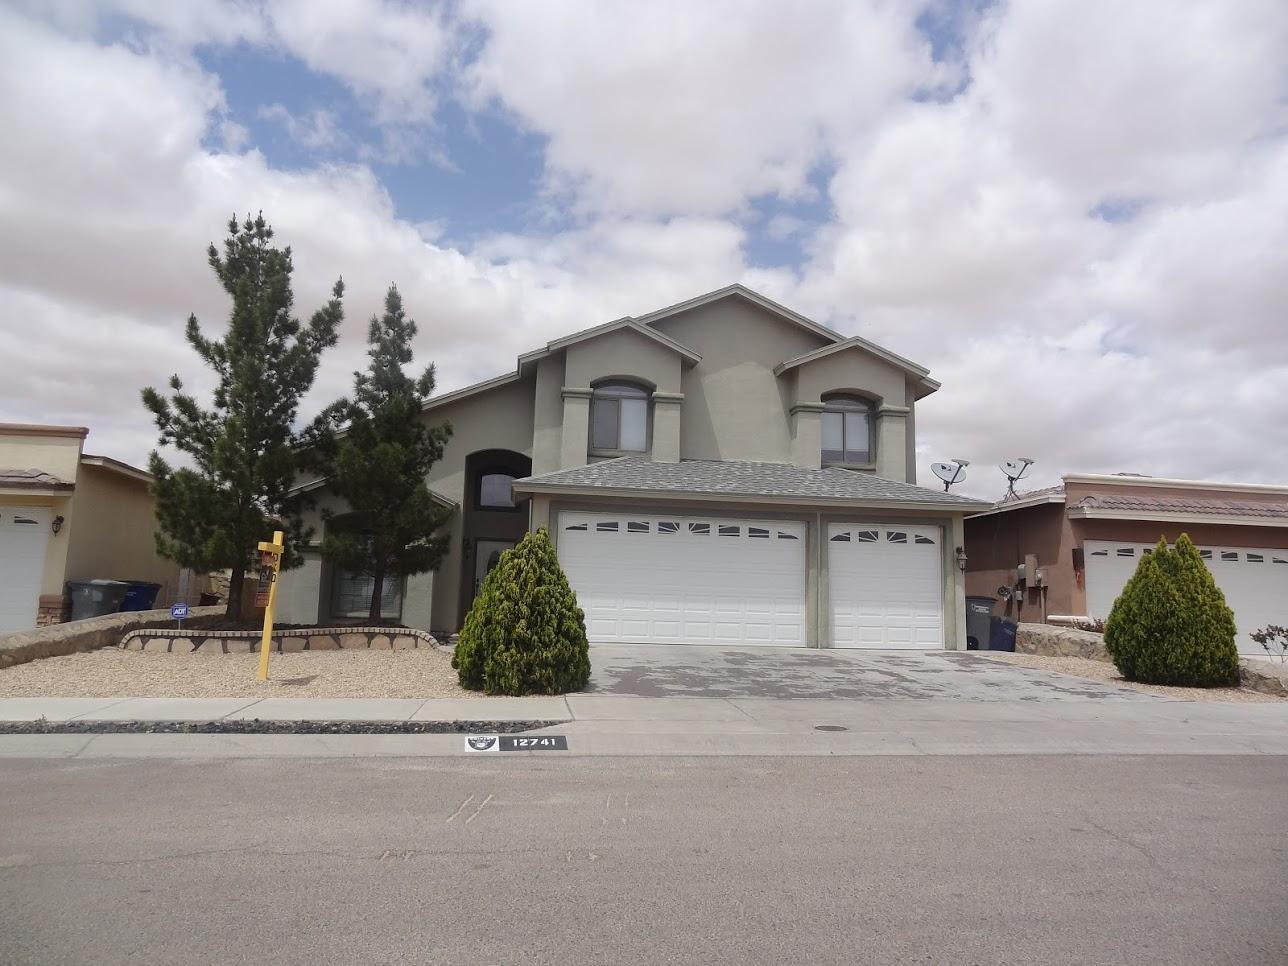 12741 TIERRA ROMAN, El Paso, Texas 79938, 4 Bedrooms Bedrooms, ,3 BathroomsBathrooms,Residential,For sale,TIERRA ROMAN,813482